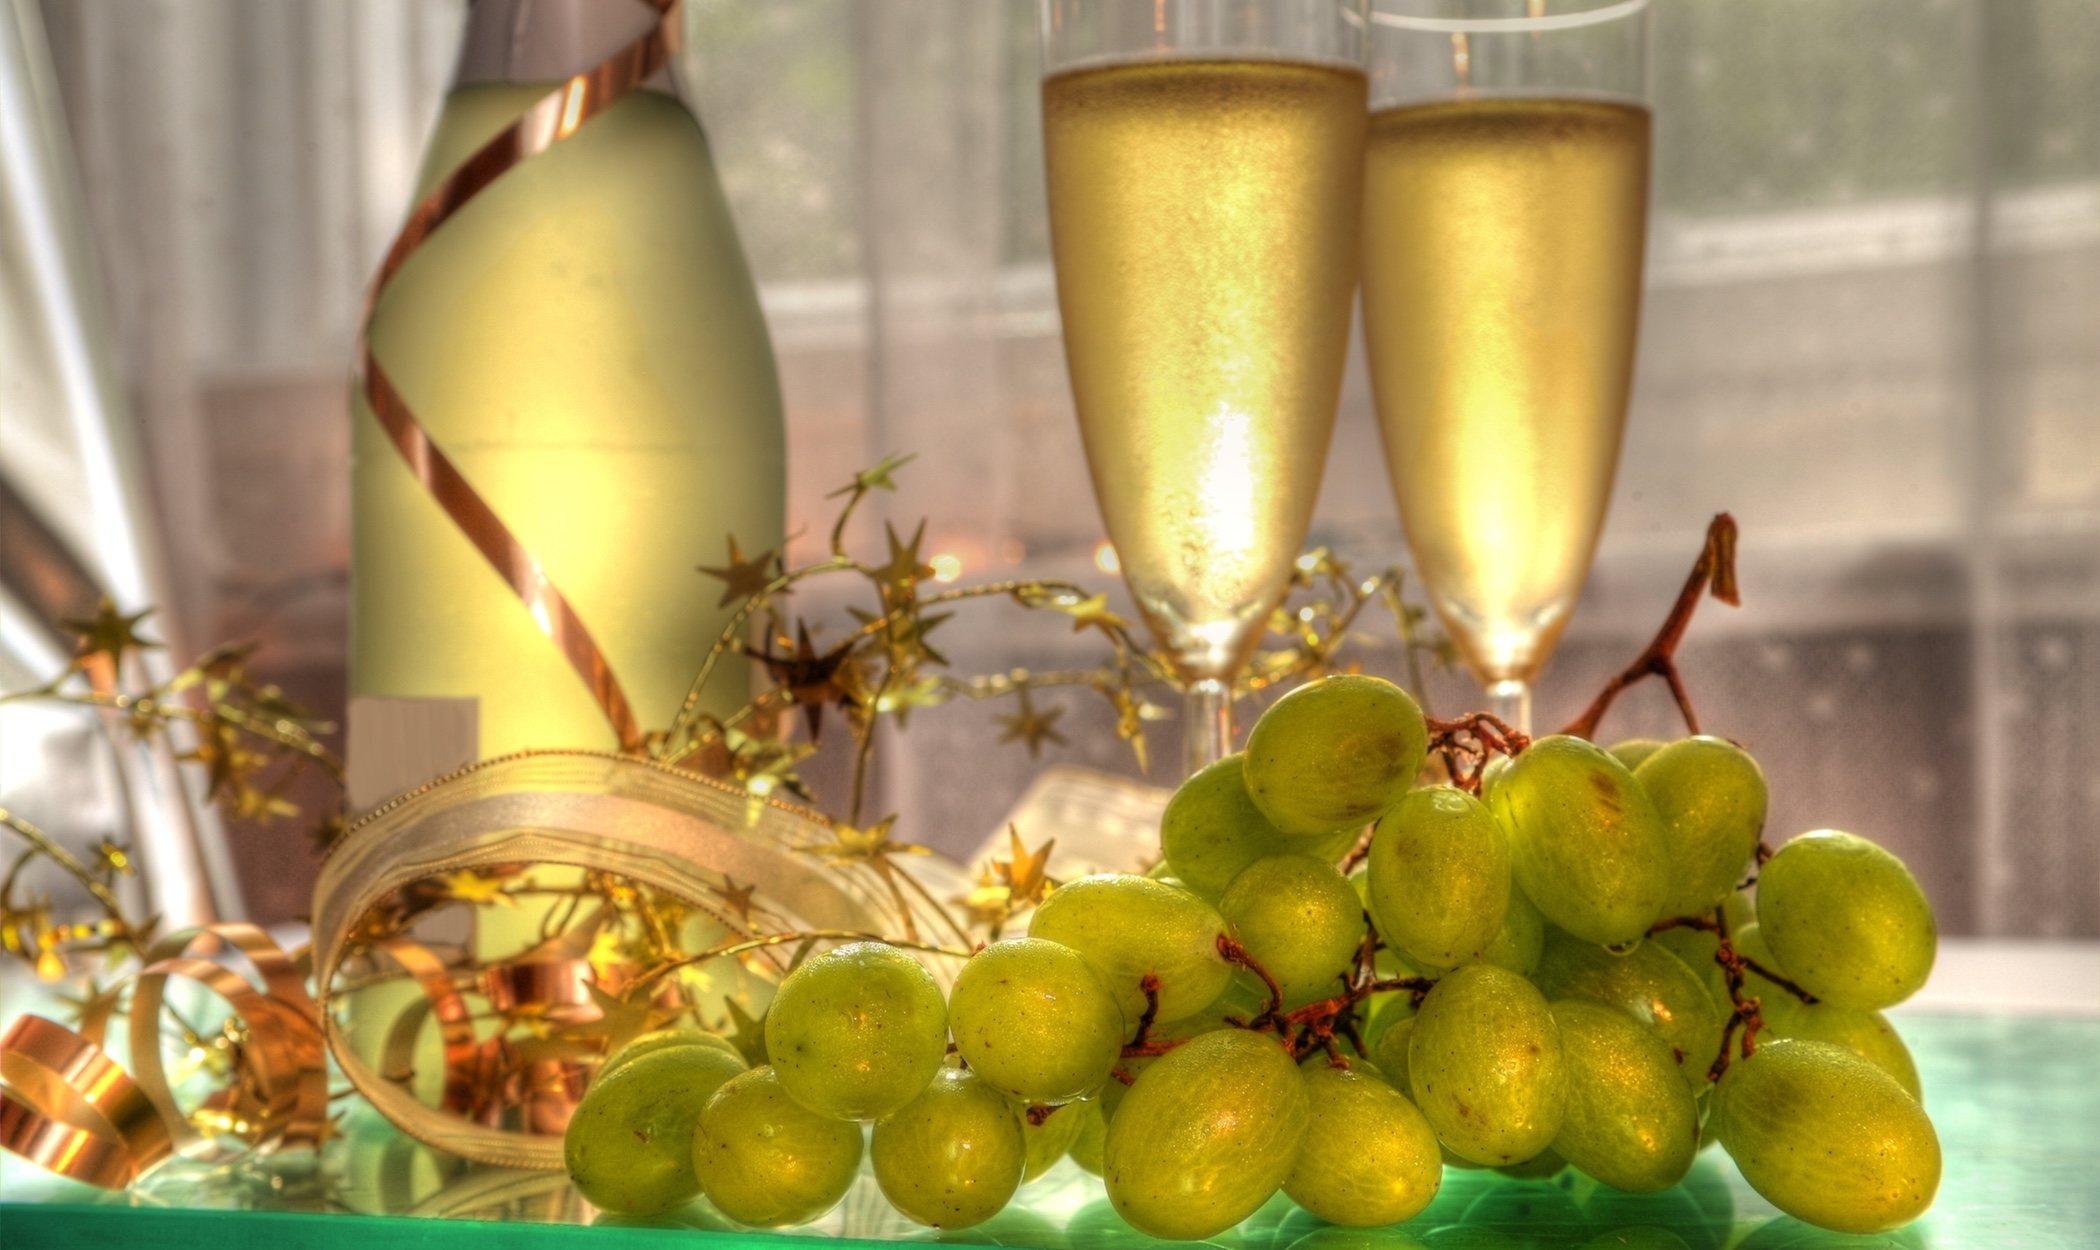 Maneras de preparar las uvas para Nochevieja